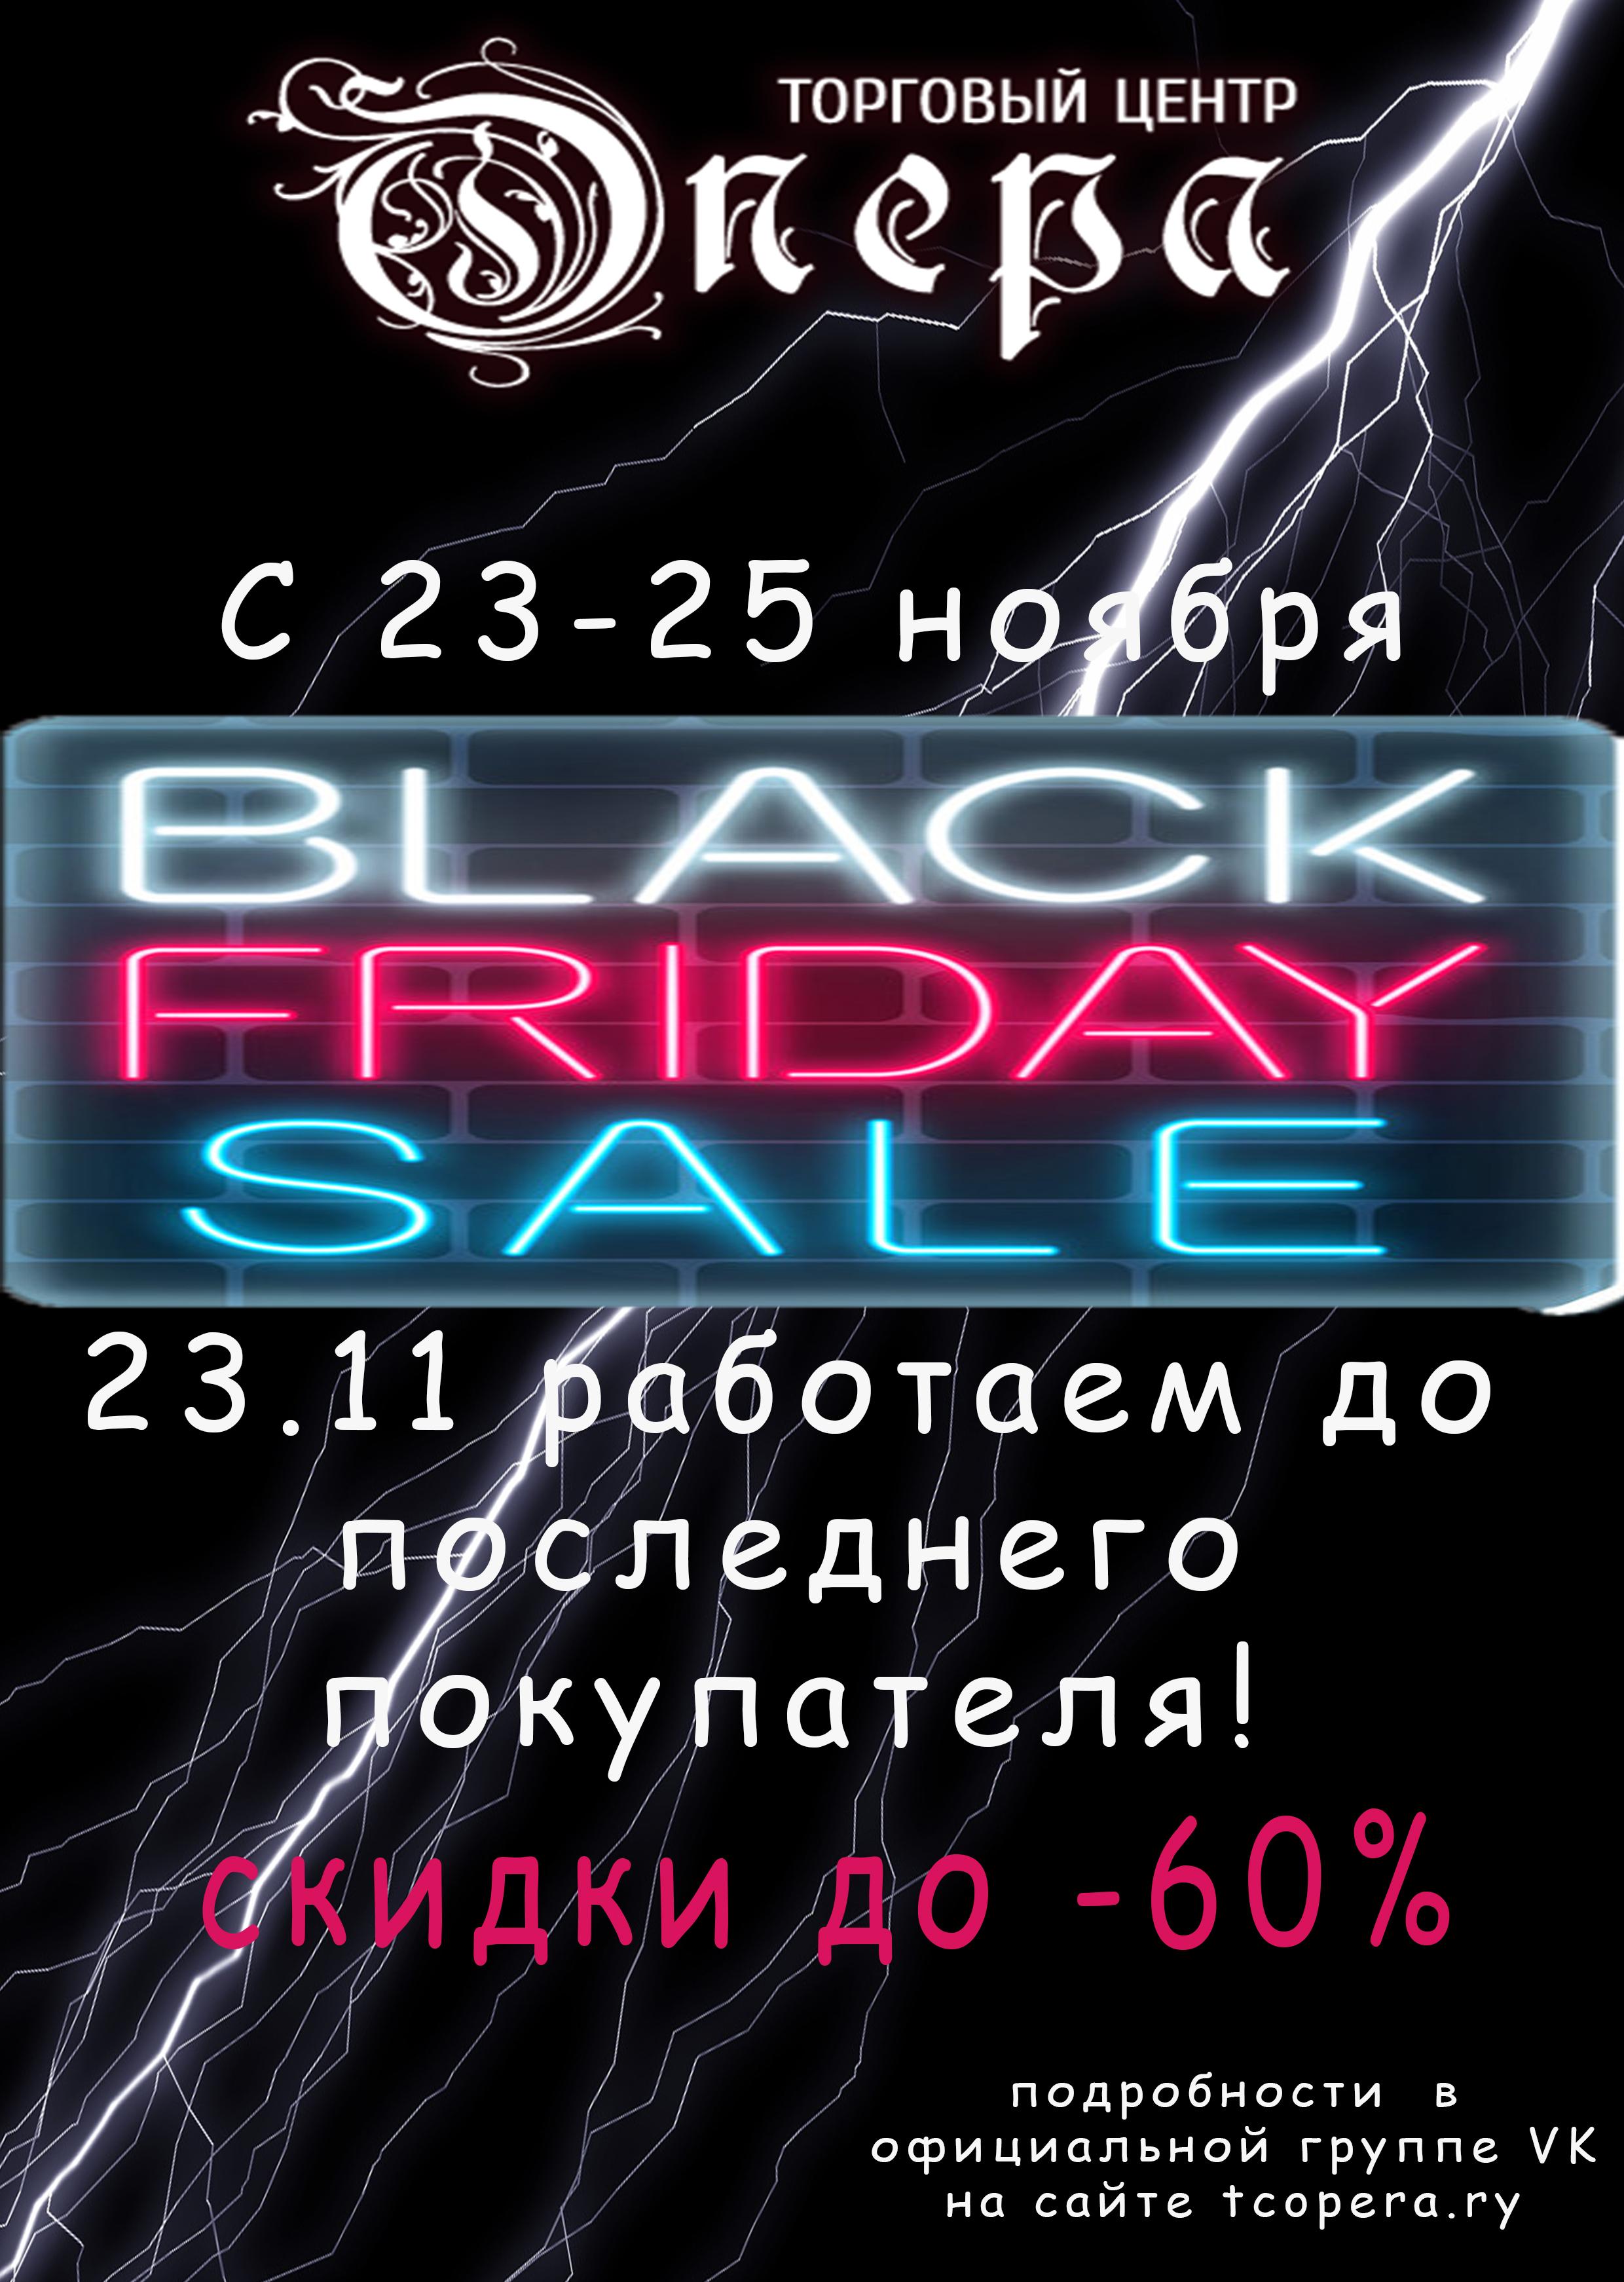 Черная пятница в торговом центре «Опера»